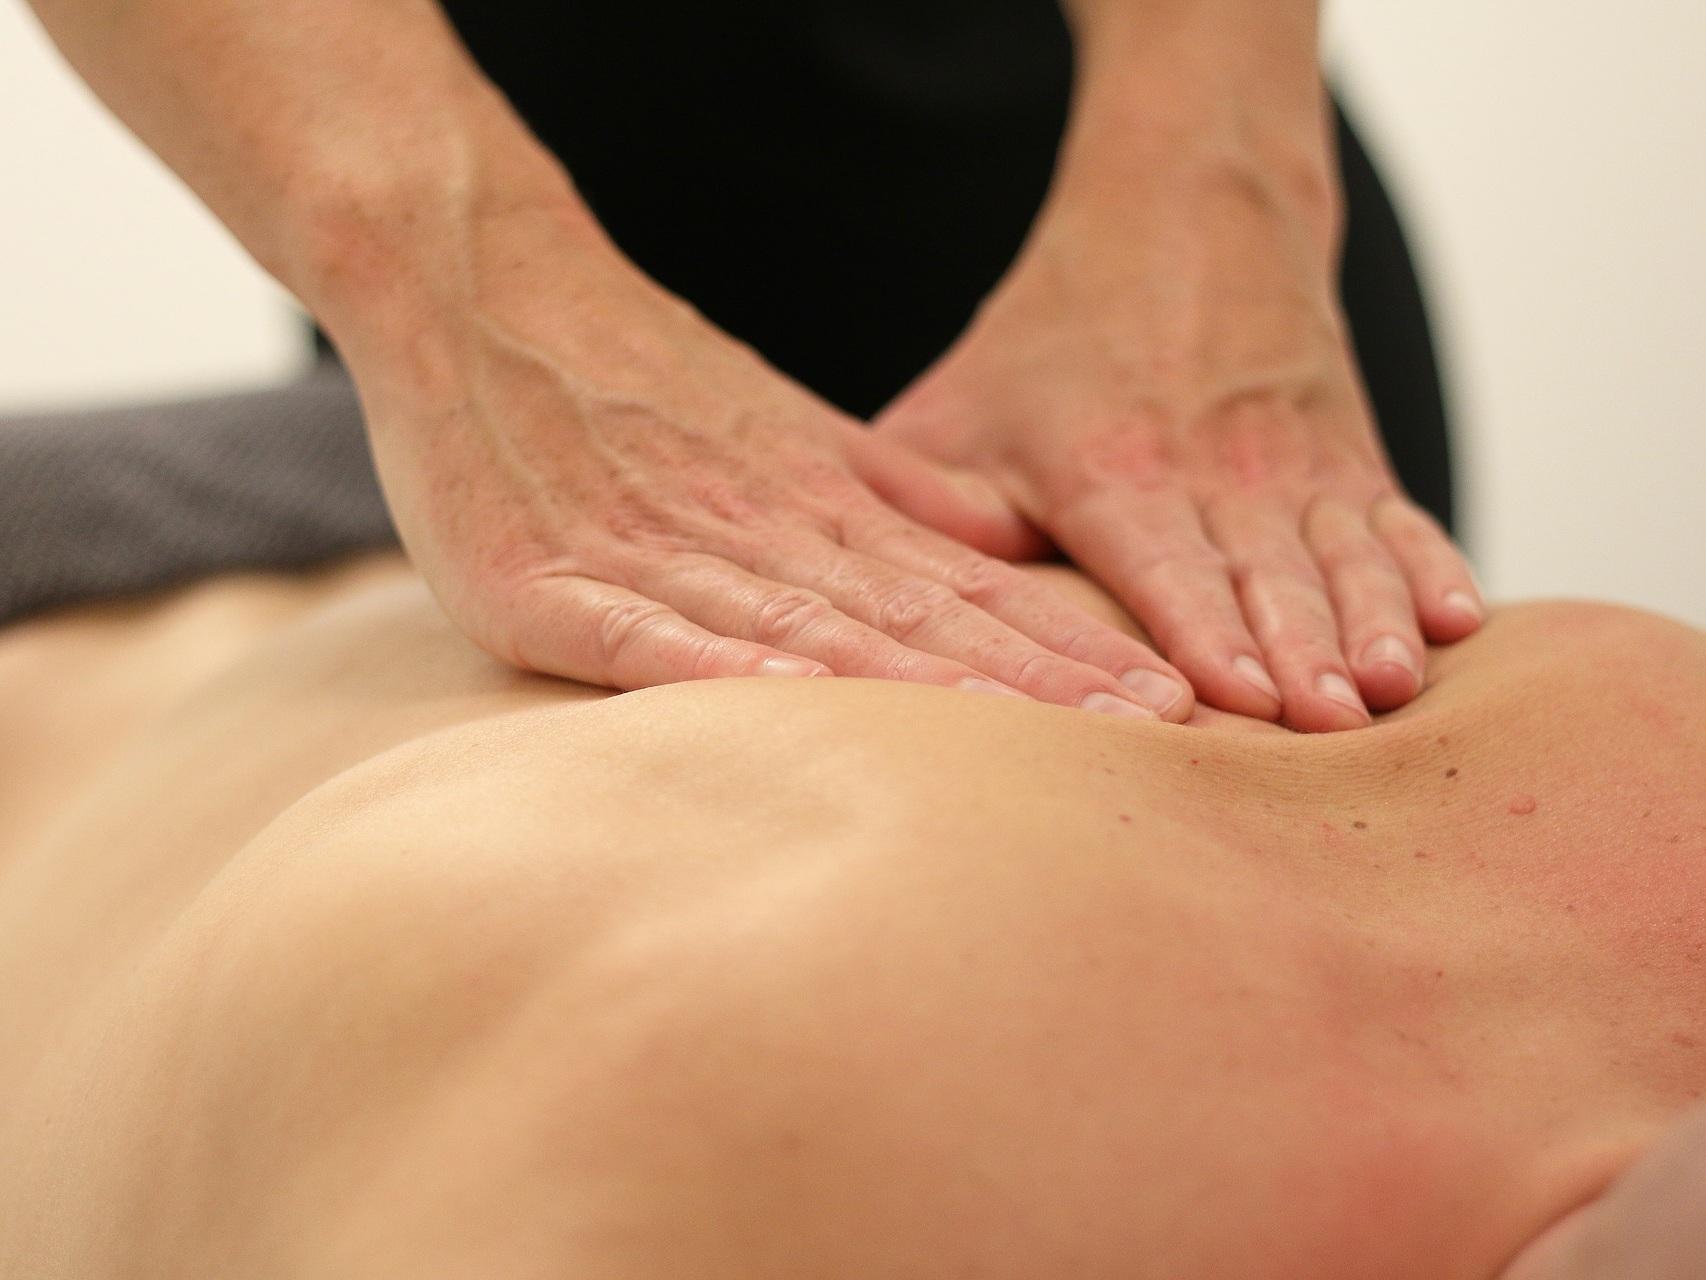 Massage - SOIN DE RHUMATOLOGIE / PHLEBOLOGIEMassage manuel du corps avec un baume à base d'eau thermale par un kinésithérapeute D.E.Durée du soin : 10minEffets : assouplissement des tissus, drainant.